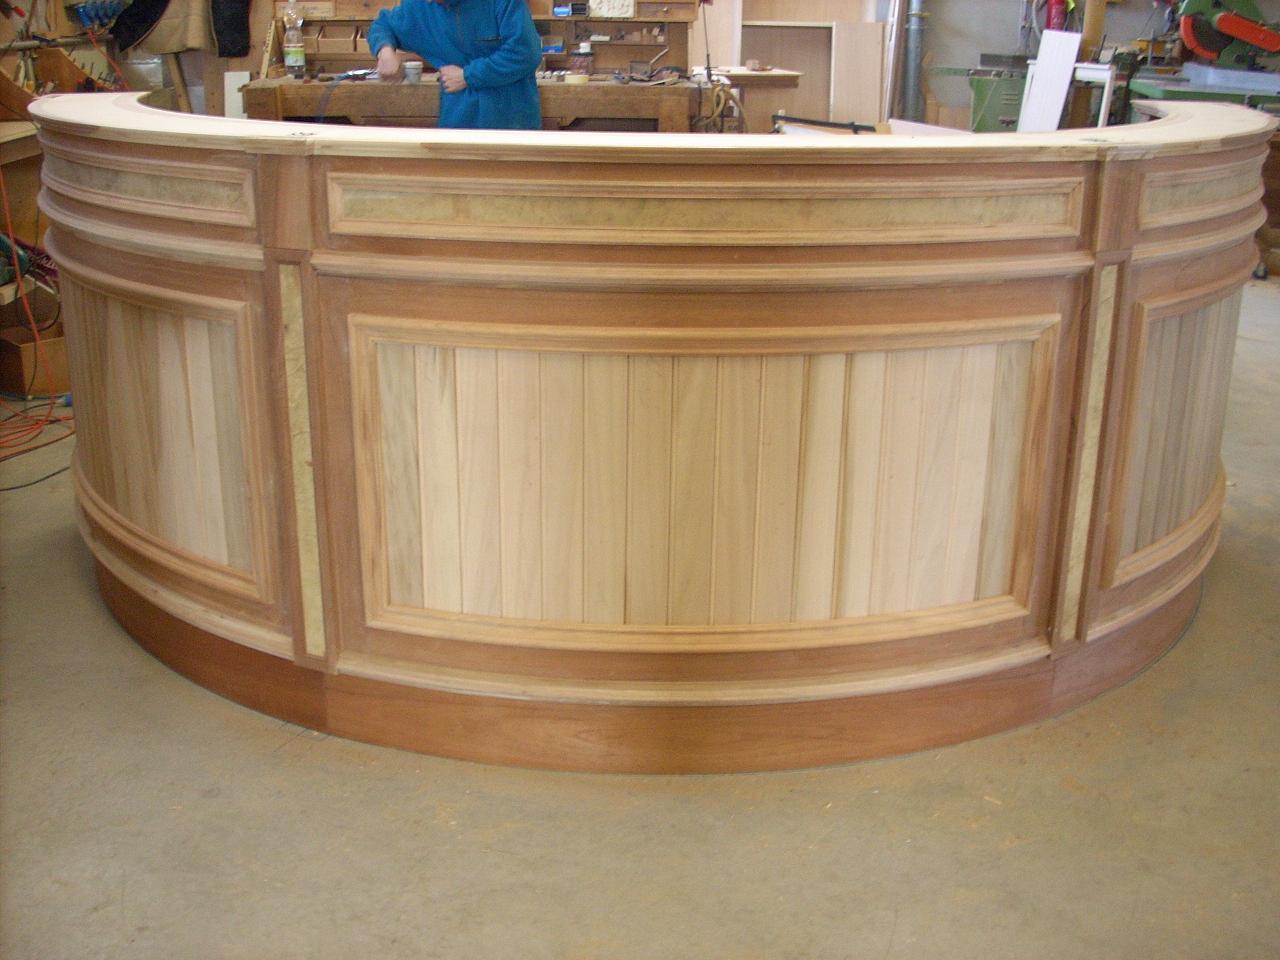 Bancone In Legno Per Negozio : Banconi bar